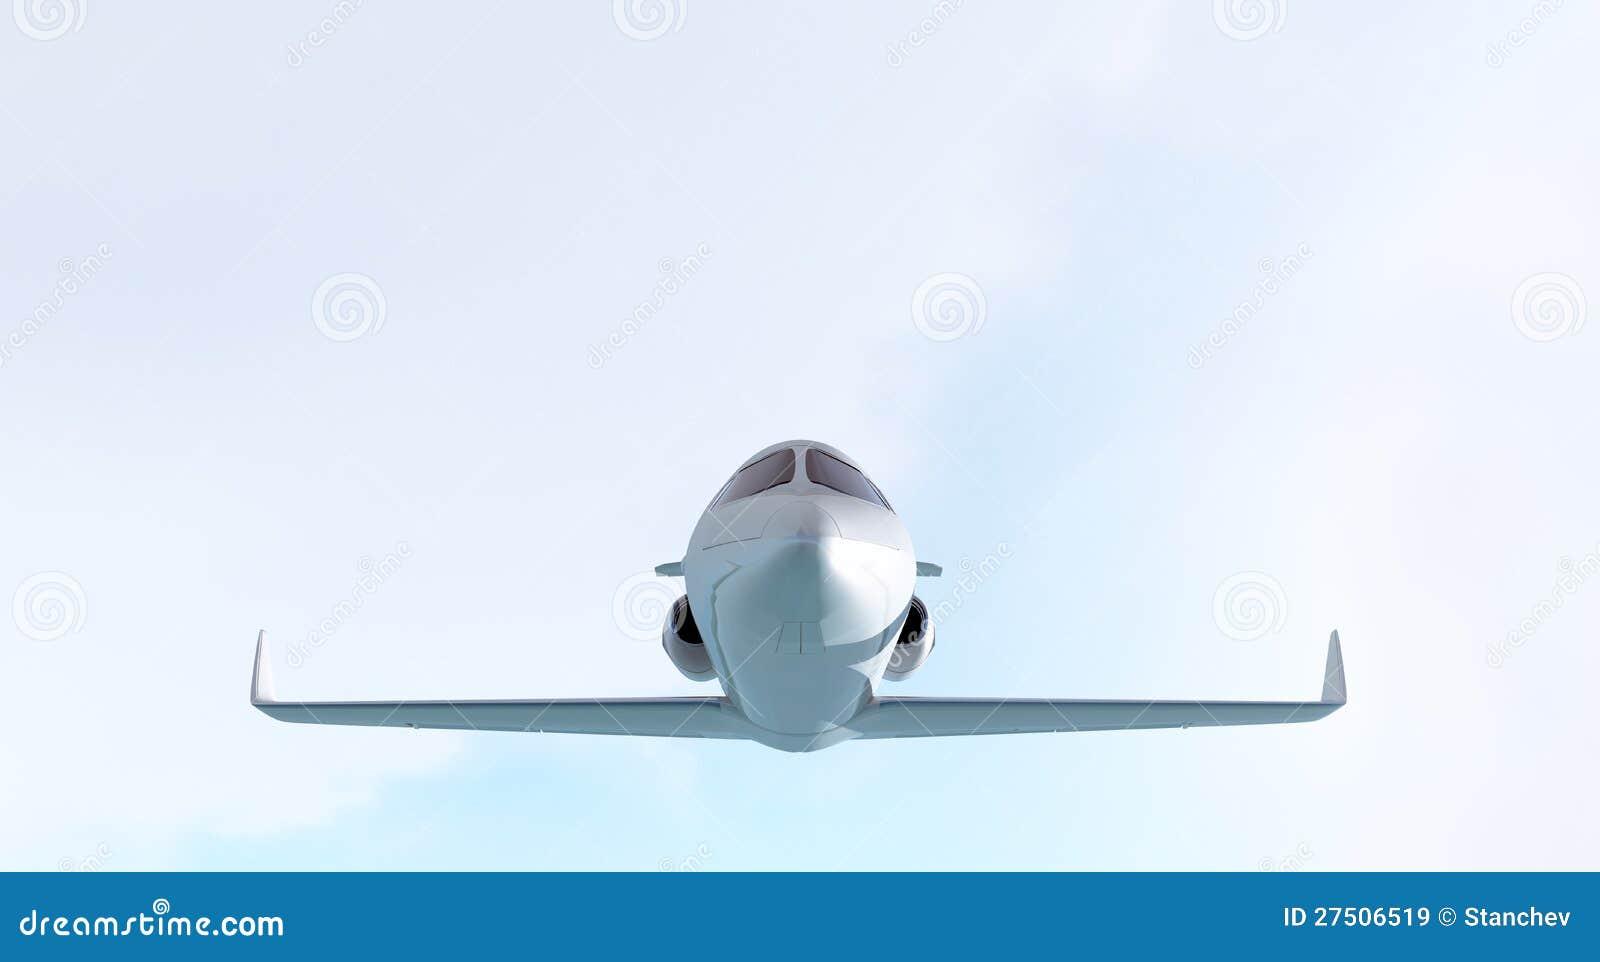 Jet Privato Rosa : Justin kluivert è ripartito su un jet privato vacanze e poi la roma